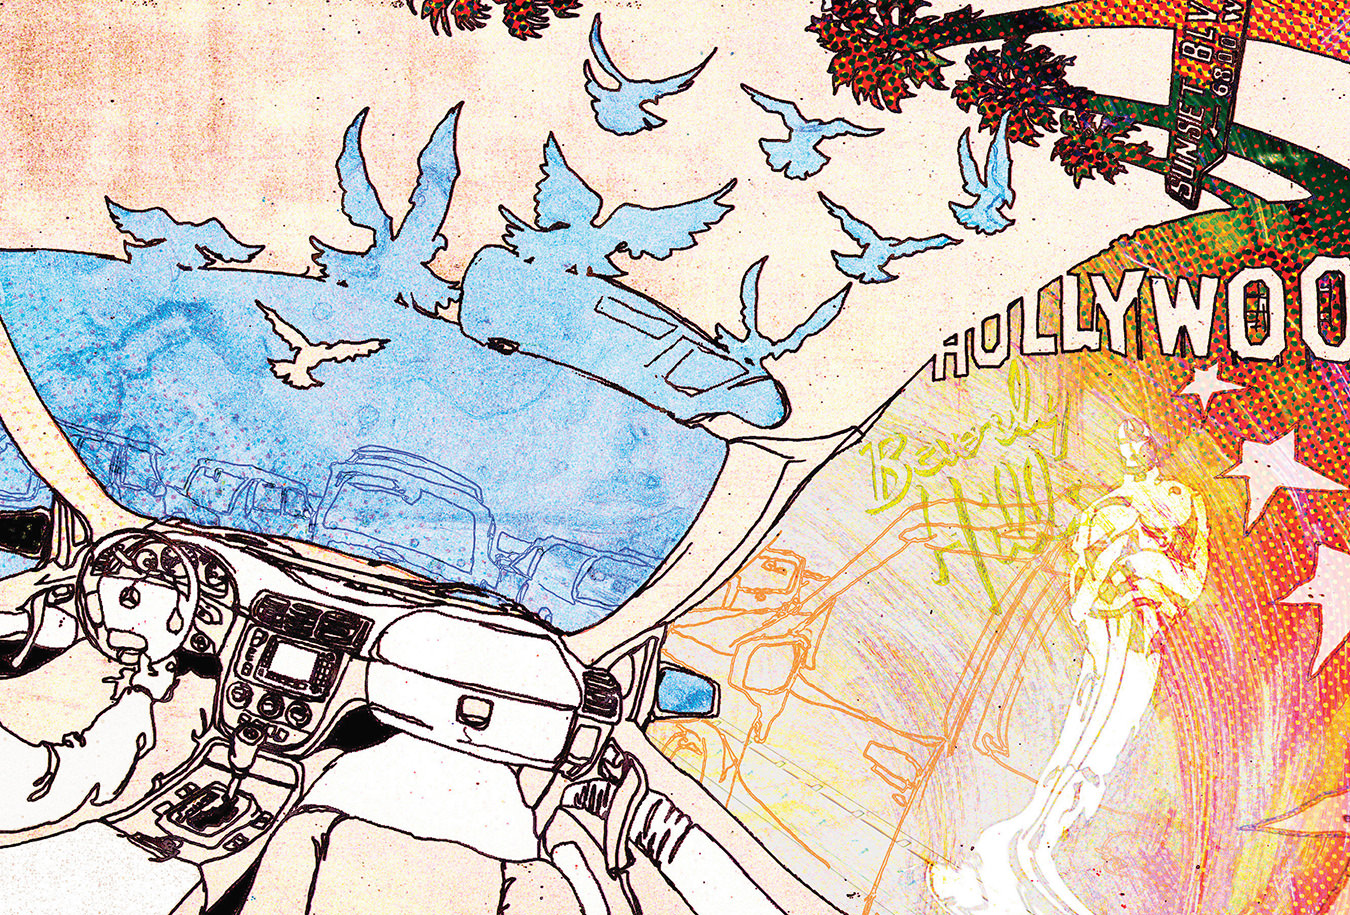 NUVO Magazine: Hollywoodland